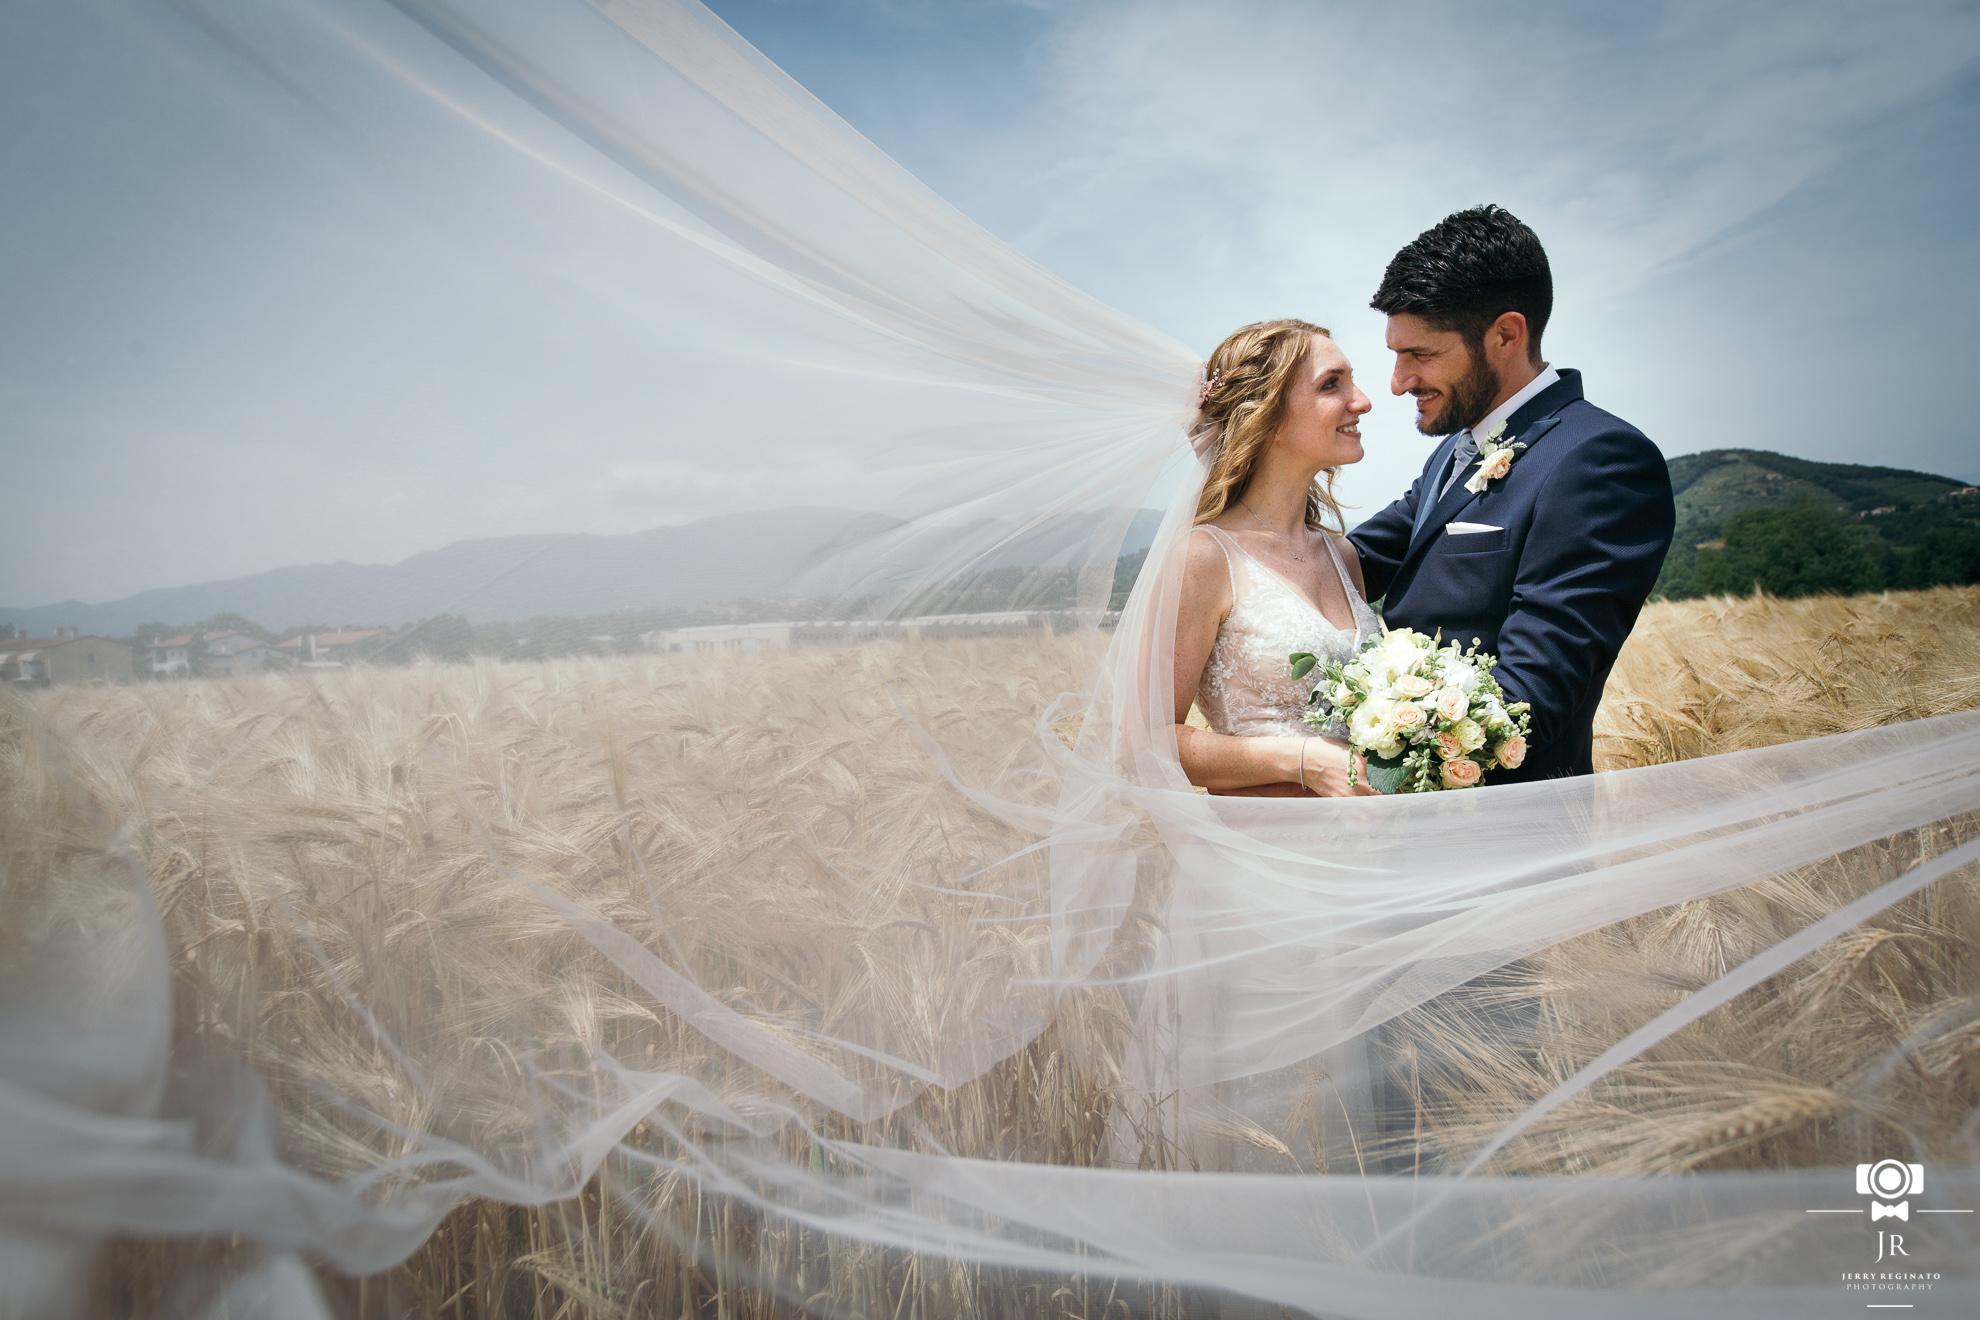 Matrimonio campo di grano villa luisa francesca